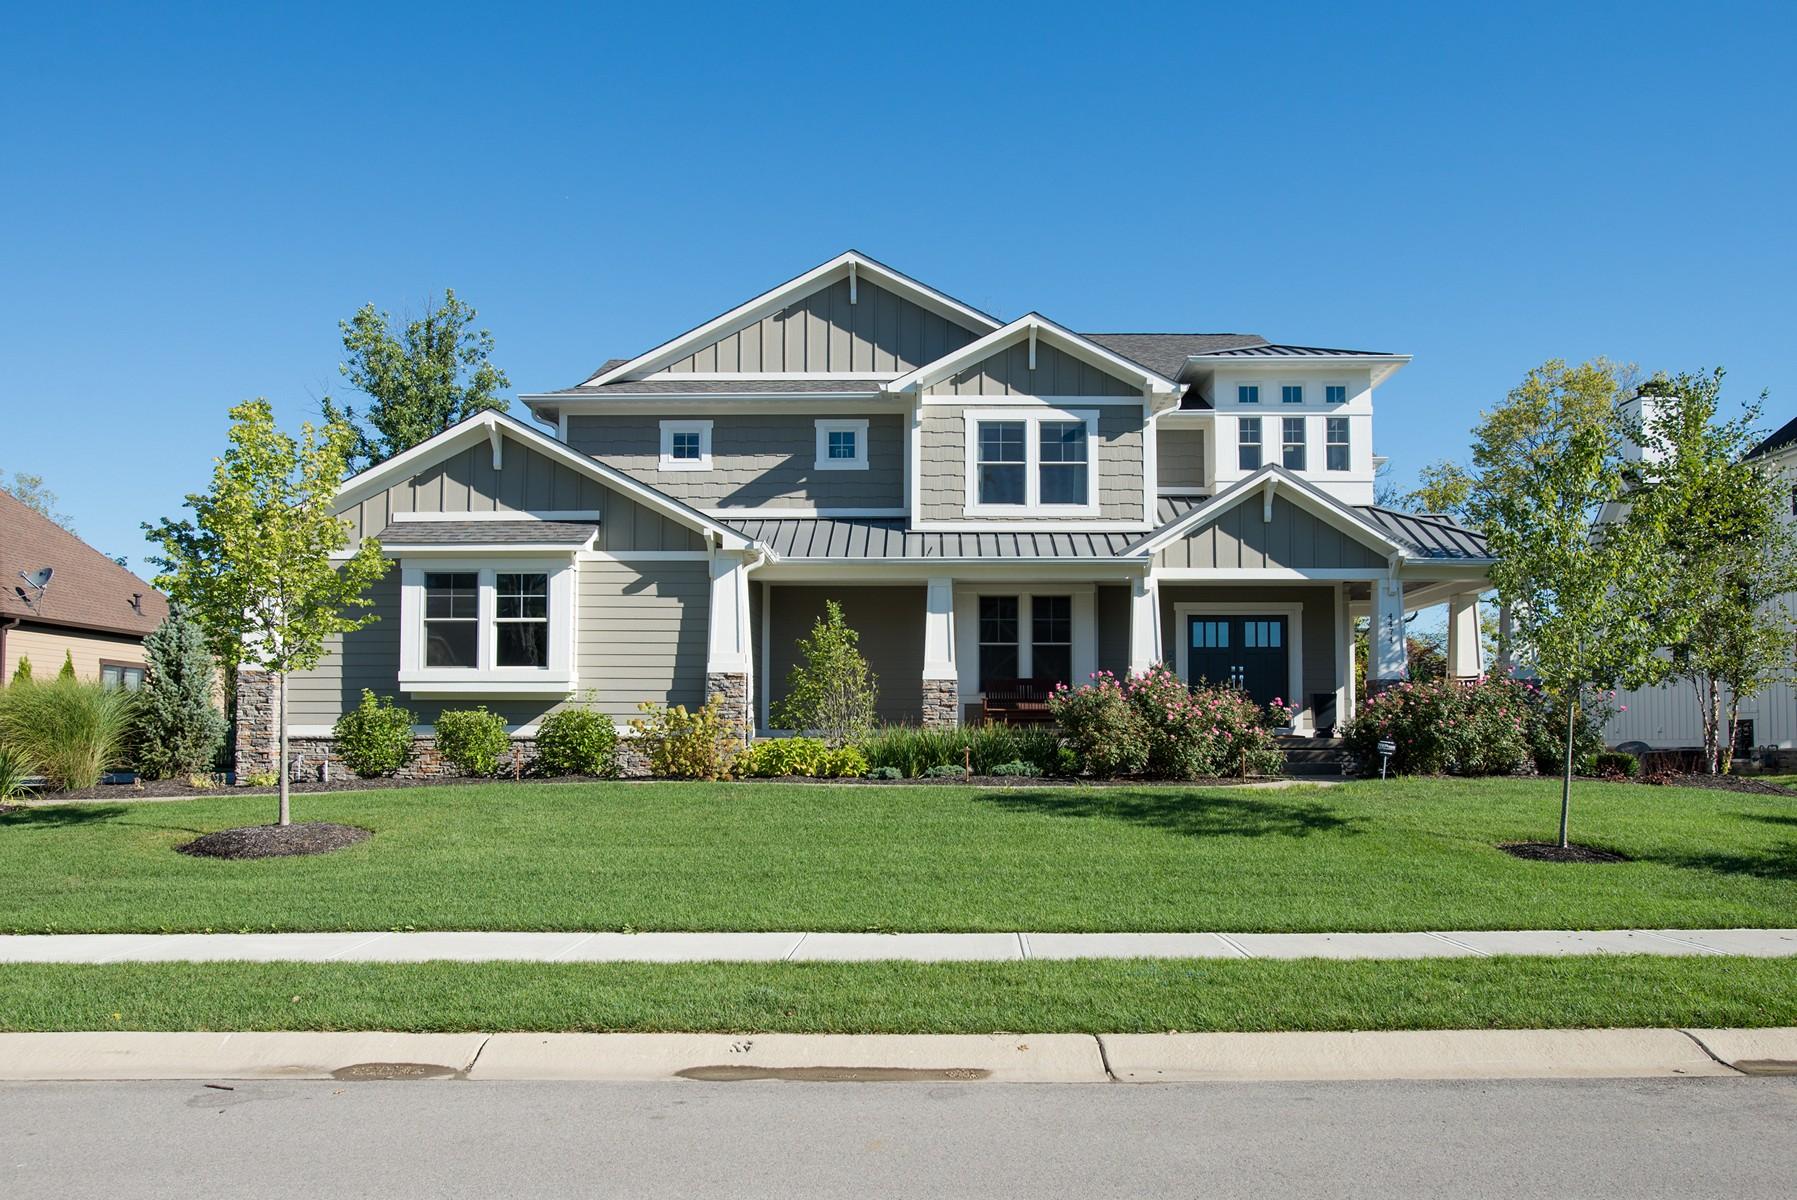 一戸建て のために 売買 アット Magnificent Home 2014 Home-A-Rama Winner 4474 Majestic Oak Court Westfield, インディアナ, 46062 アメリカ合衆国